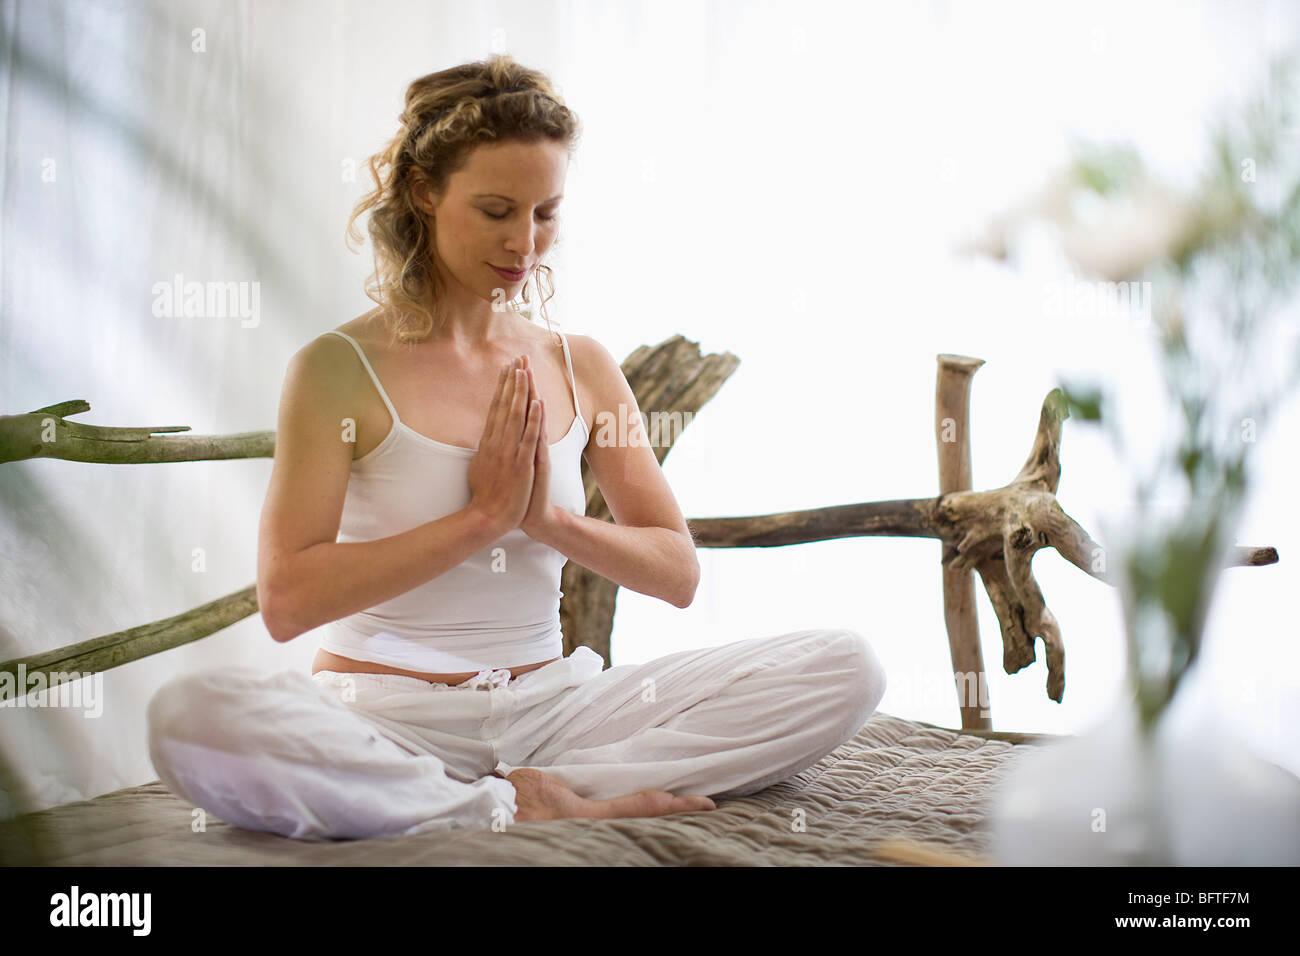 Mujer de mediana edad hacer yoga Imagen De Stock